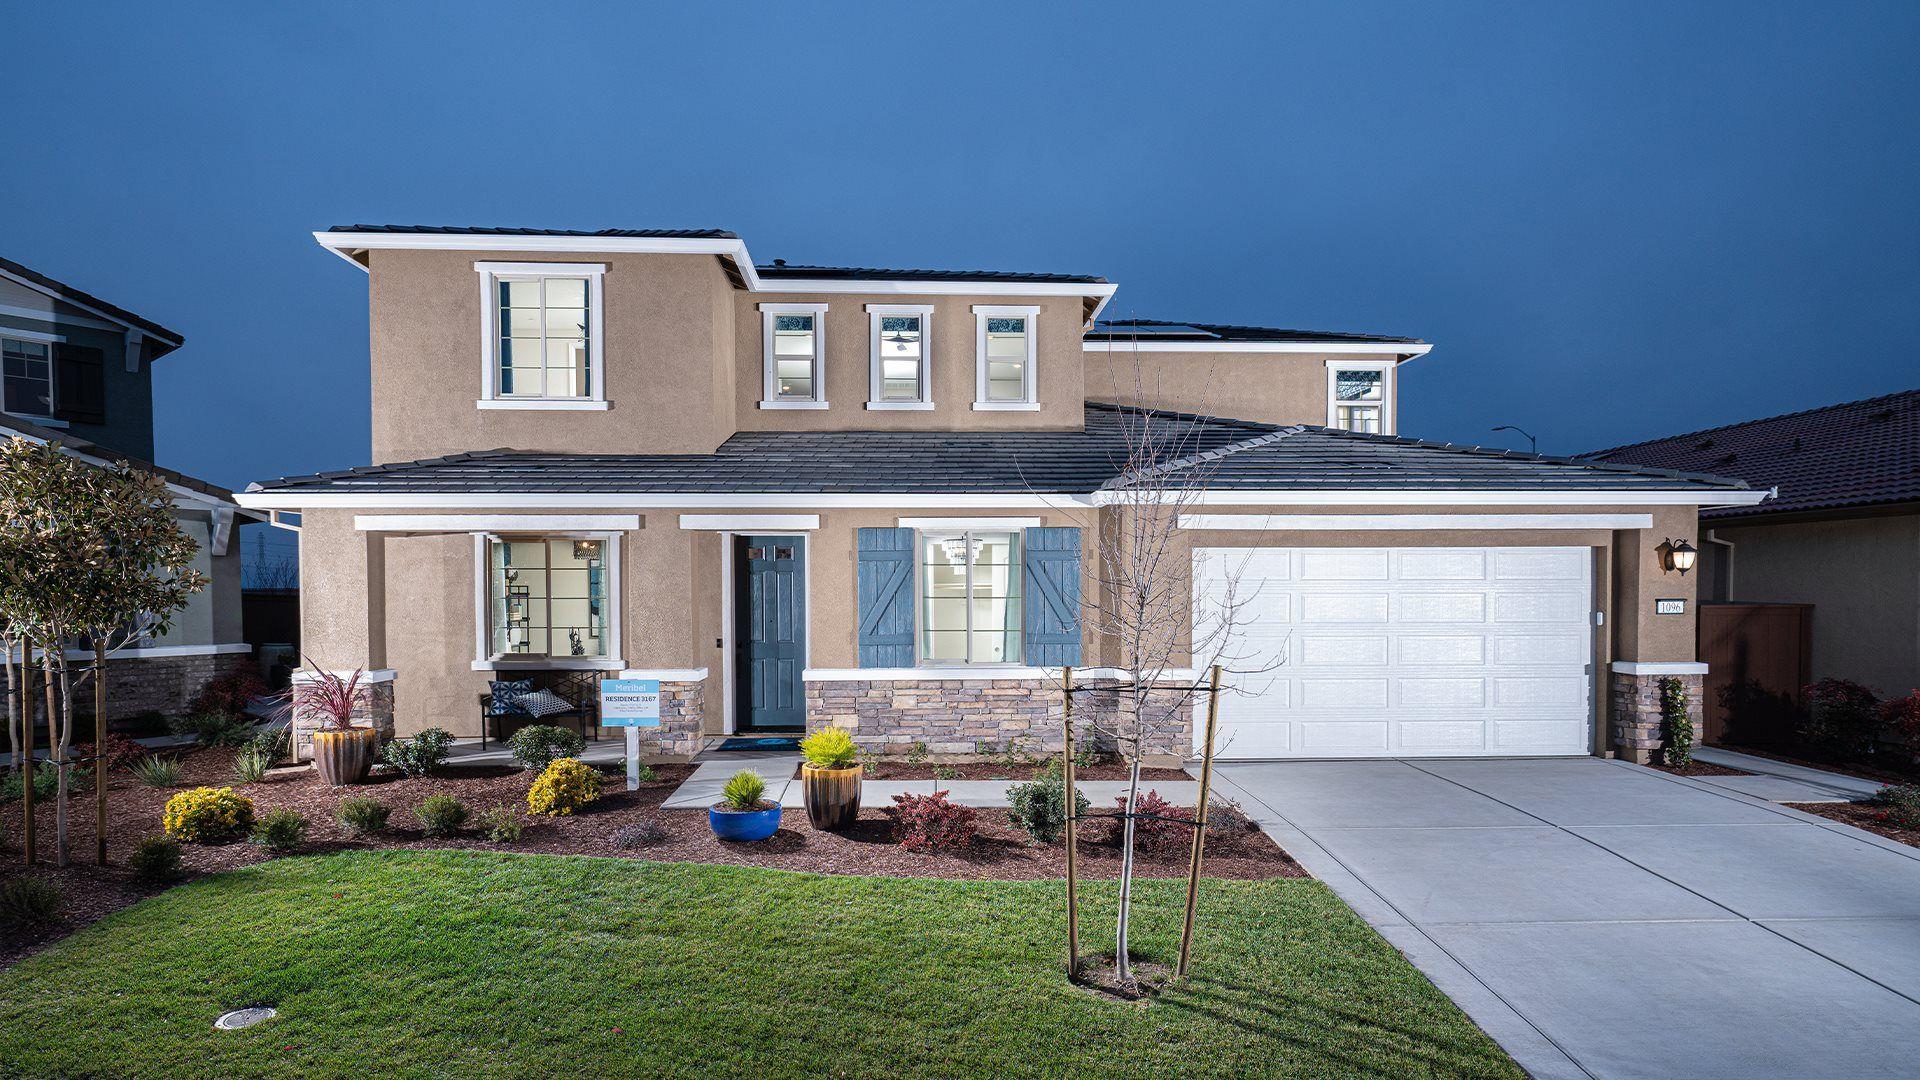 Residence 3167 | Model Home